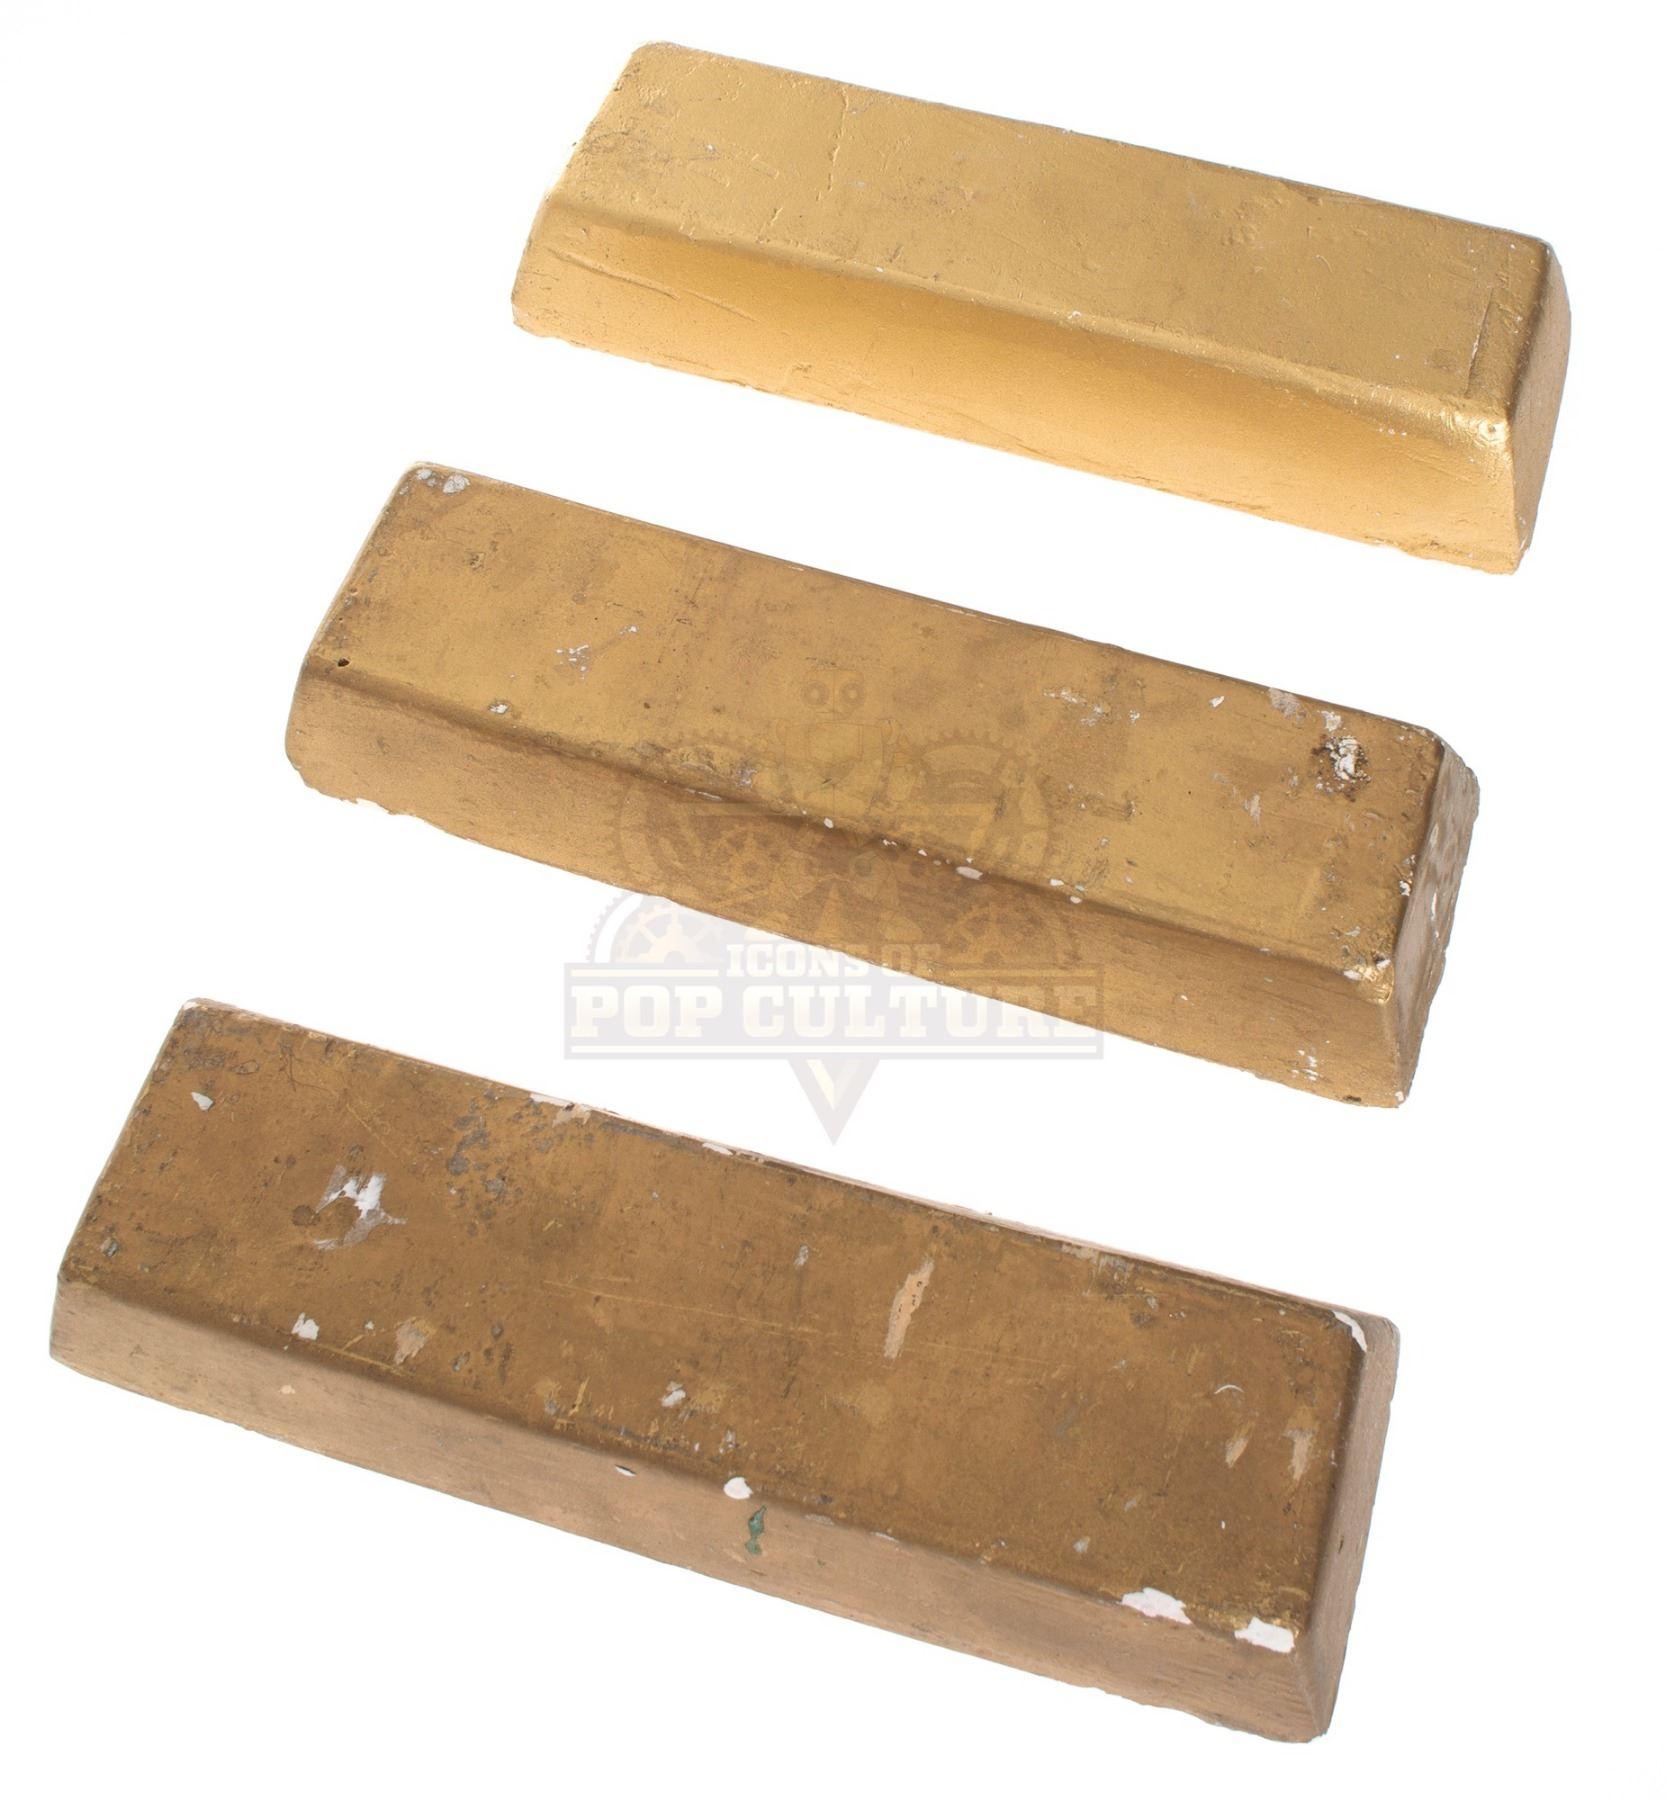 Goldfinger - Fort Knox Gold Bars - 1042